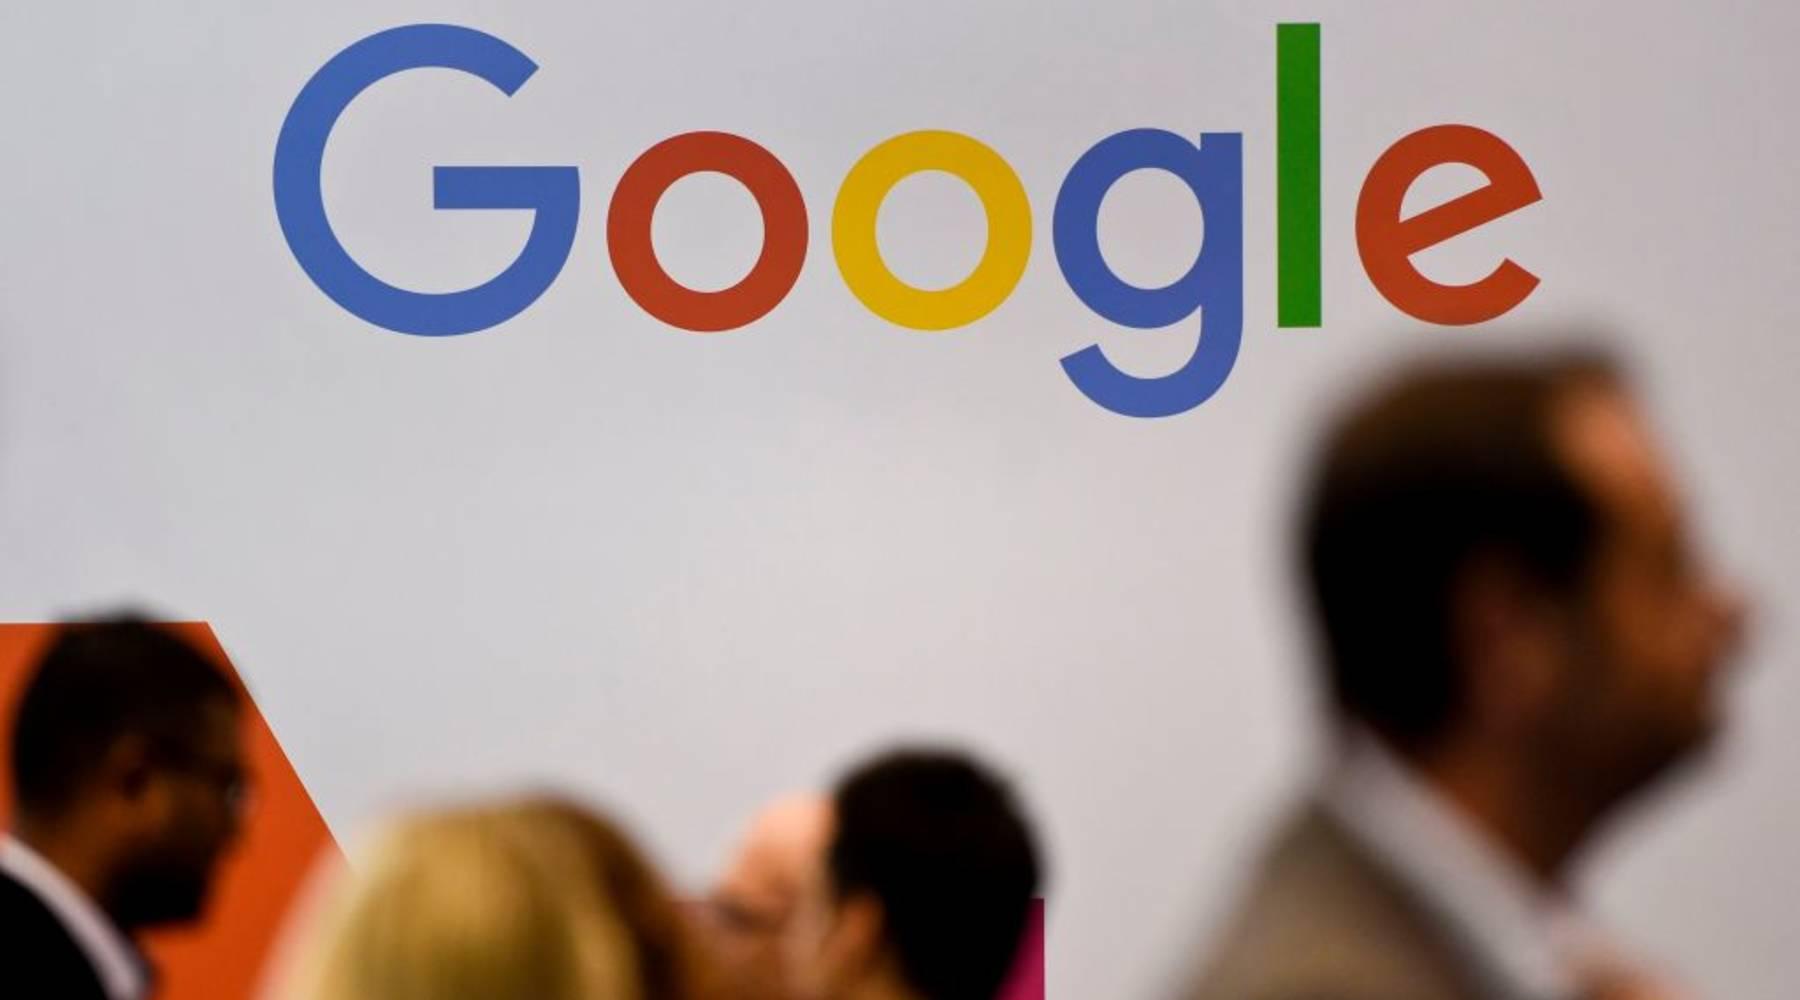 Google begins blocking